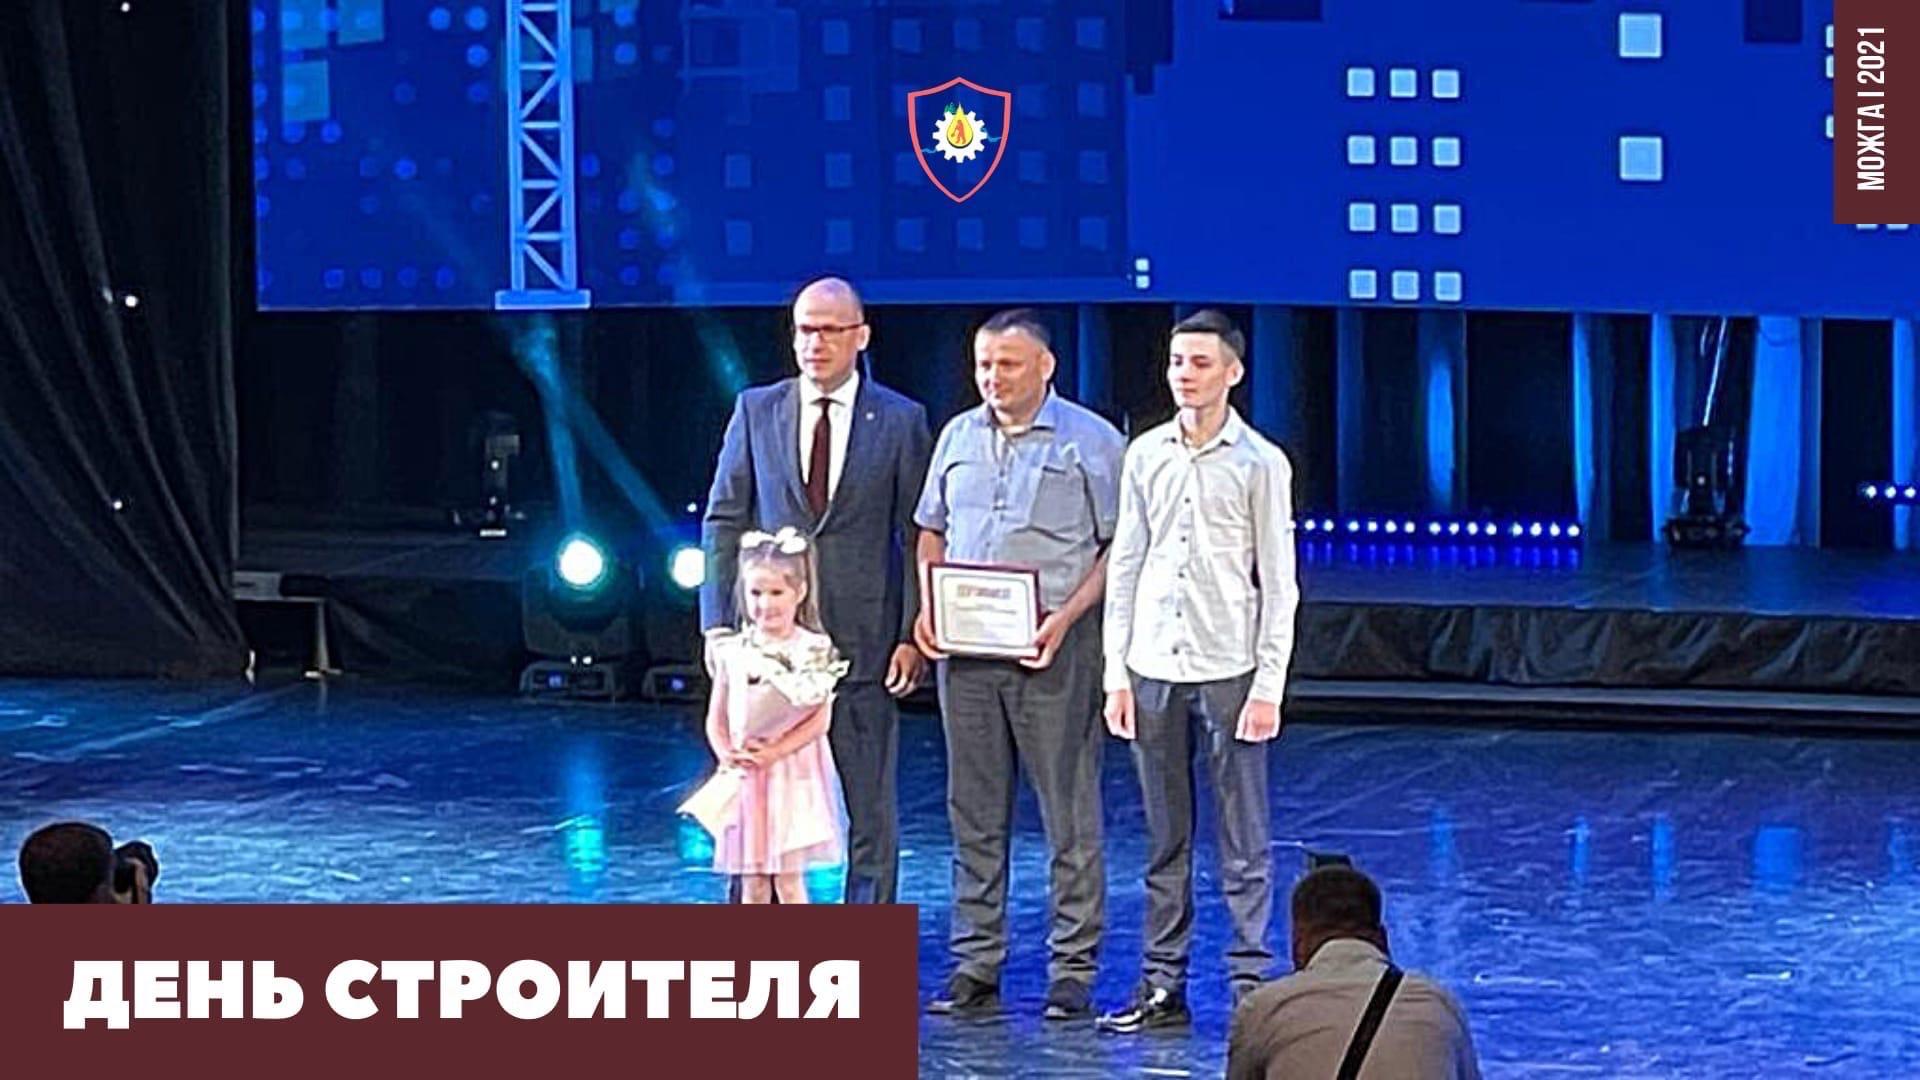 Вчера в Ижевске на торжественном мероприятии посвящённом